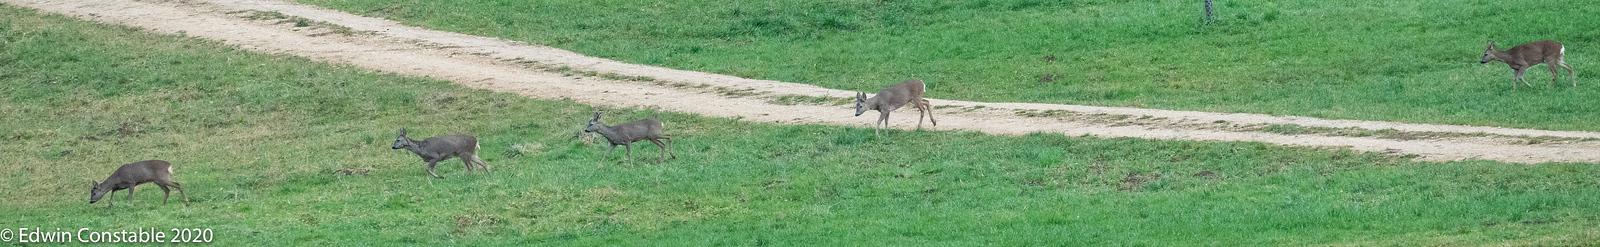 IMAGE: https://photos.smugmug.com/Nature-and-Wildlife/Mammals/Capreolus-capreolus-Roe-deer/i-mf6XQNg/0/39425e47/X3/A9207142-X3.jpg